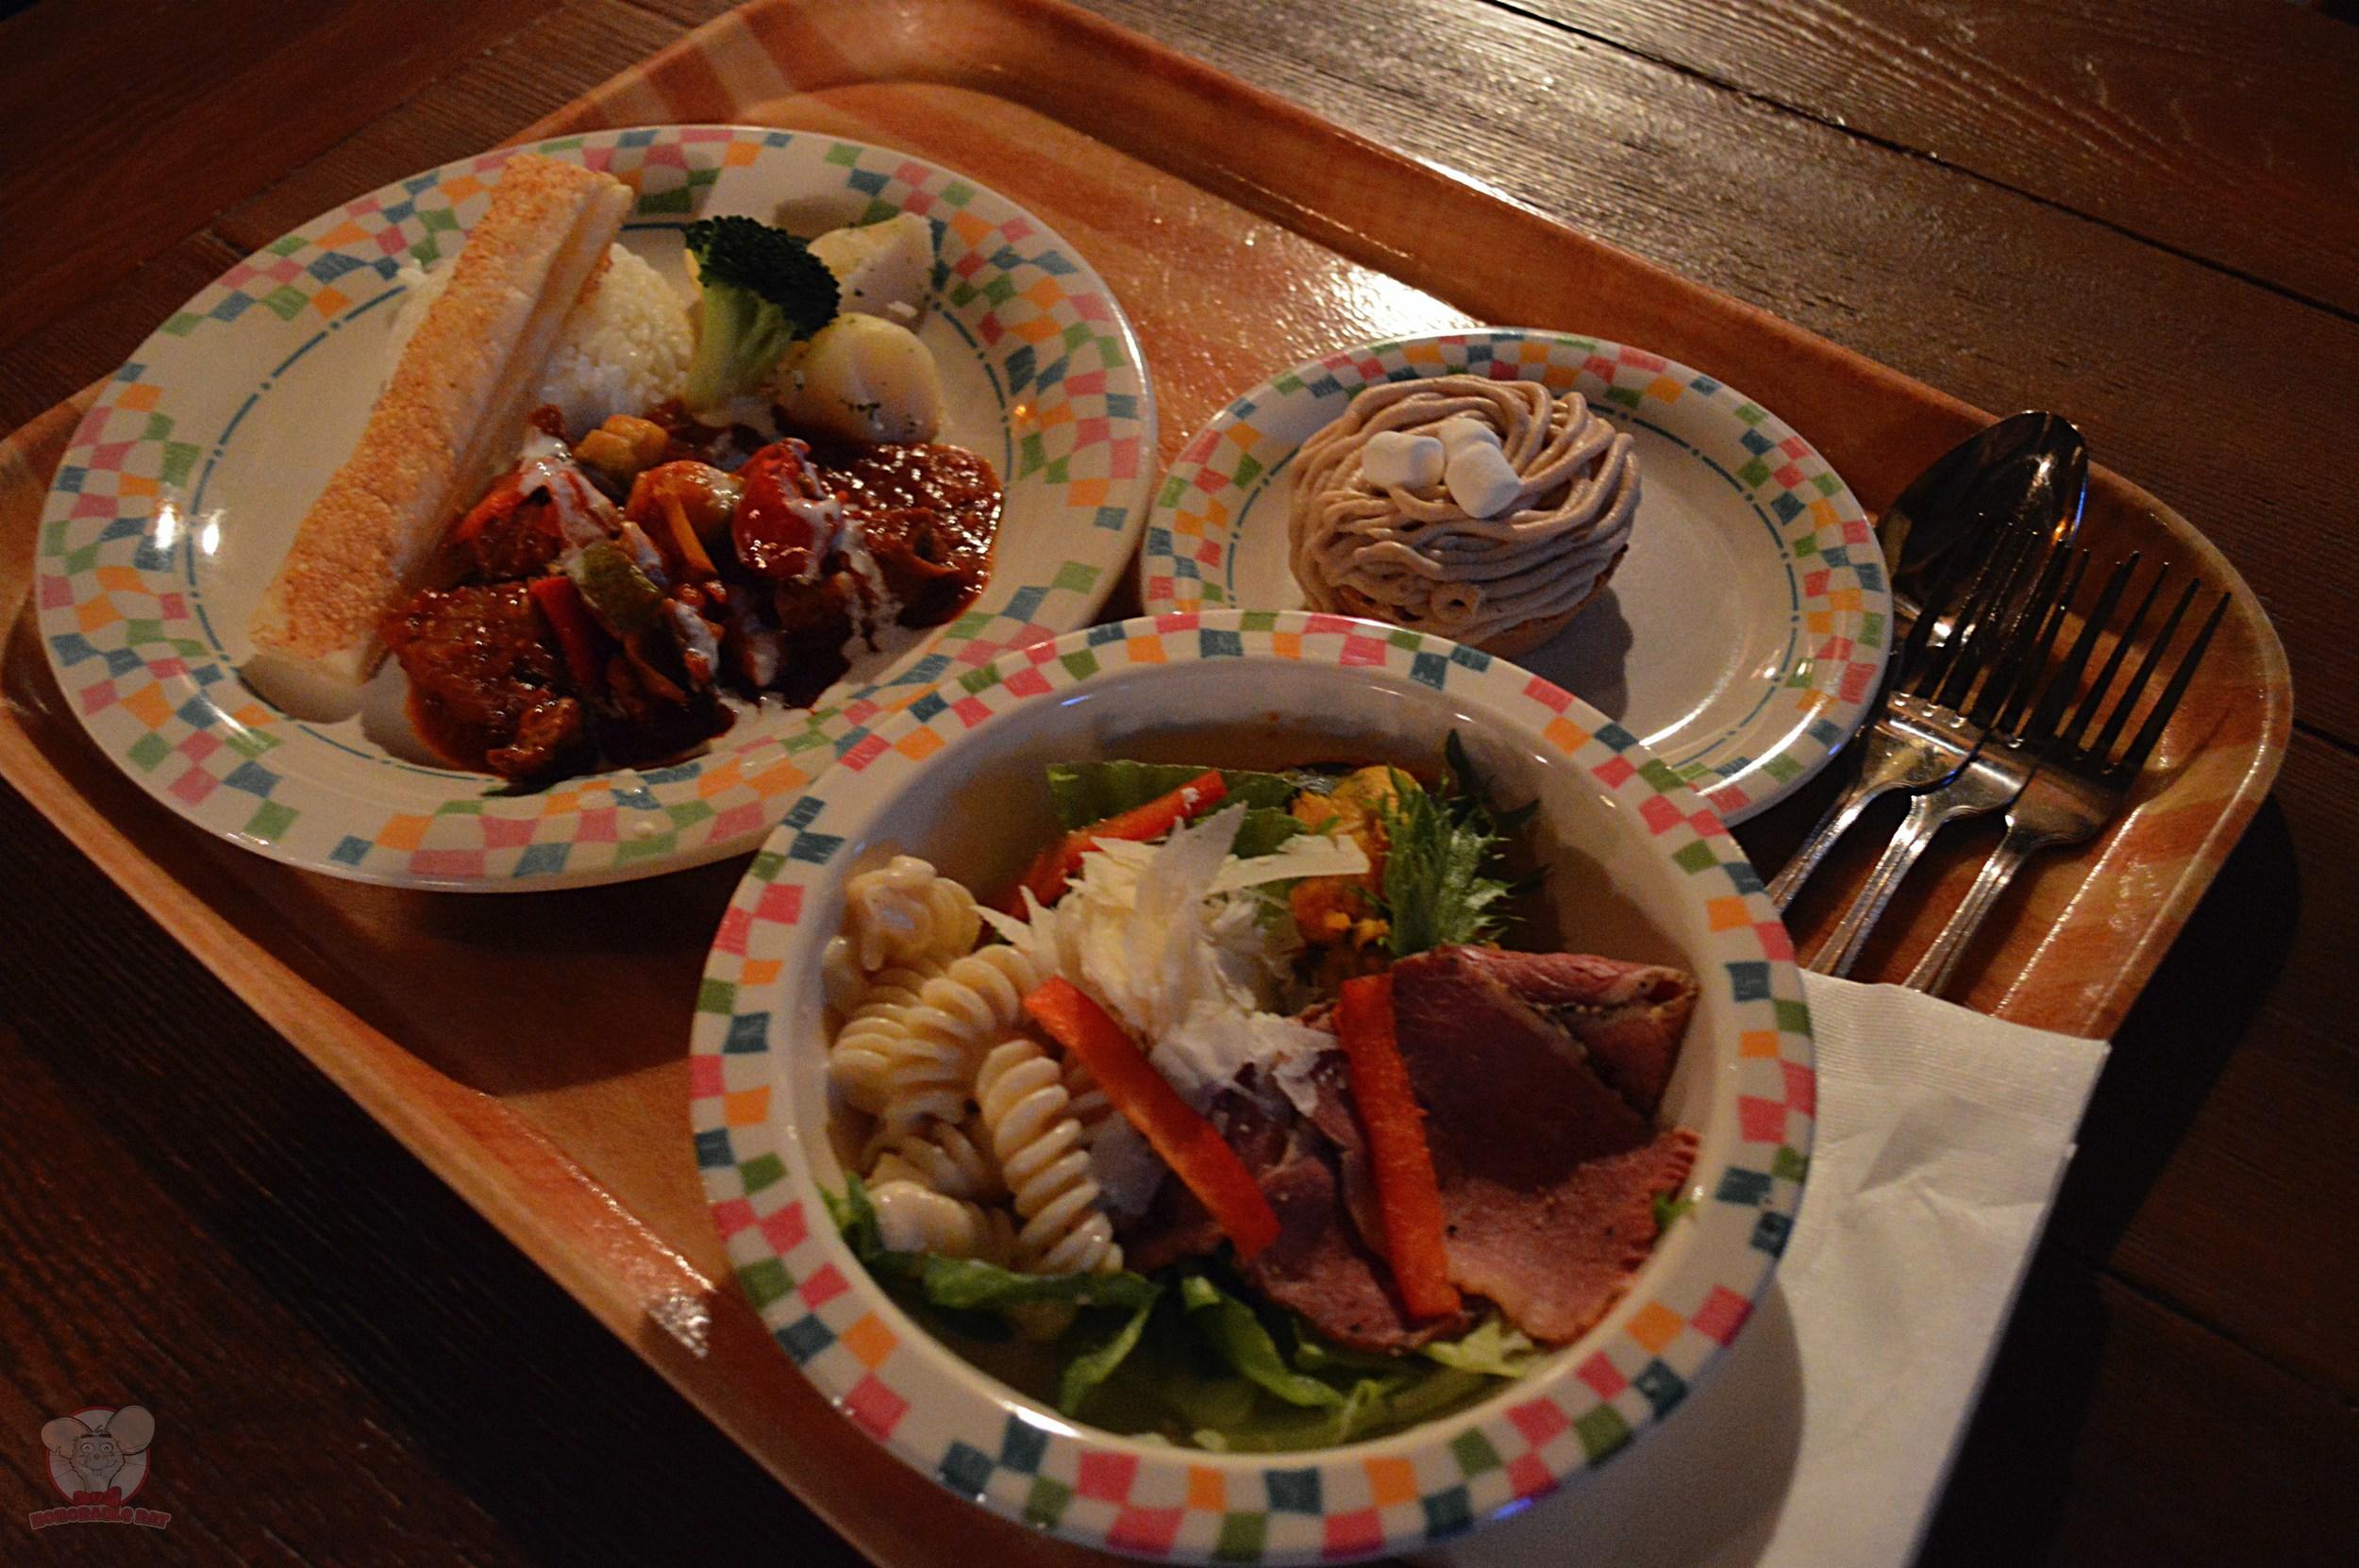 Our meal at Grandma Sara's